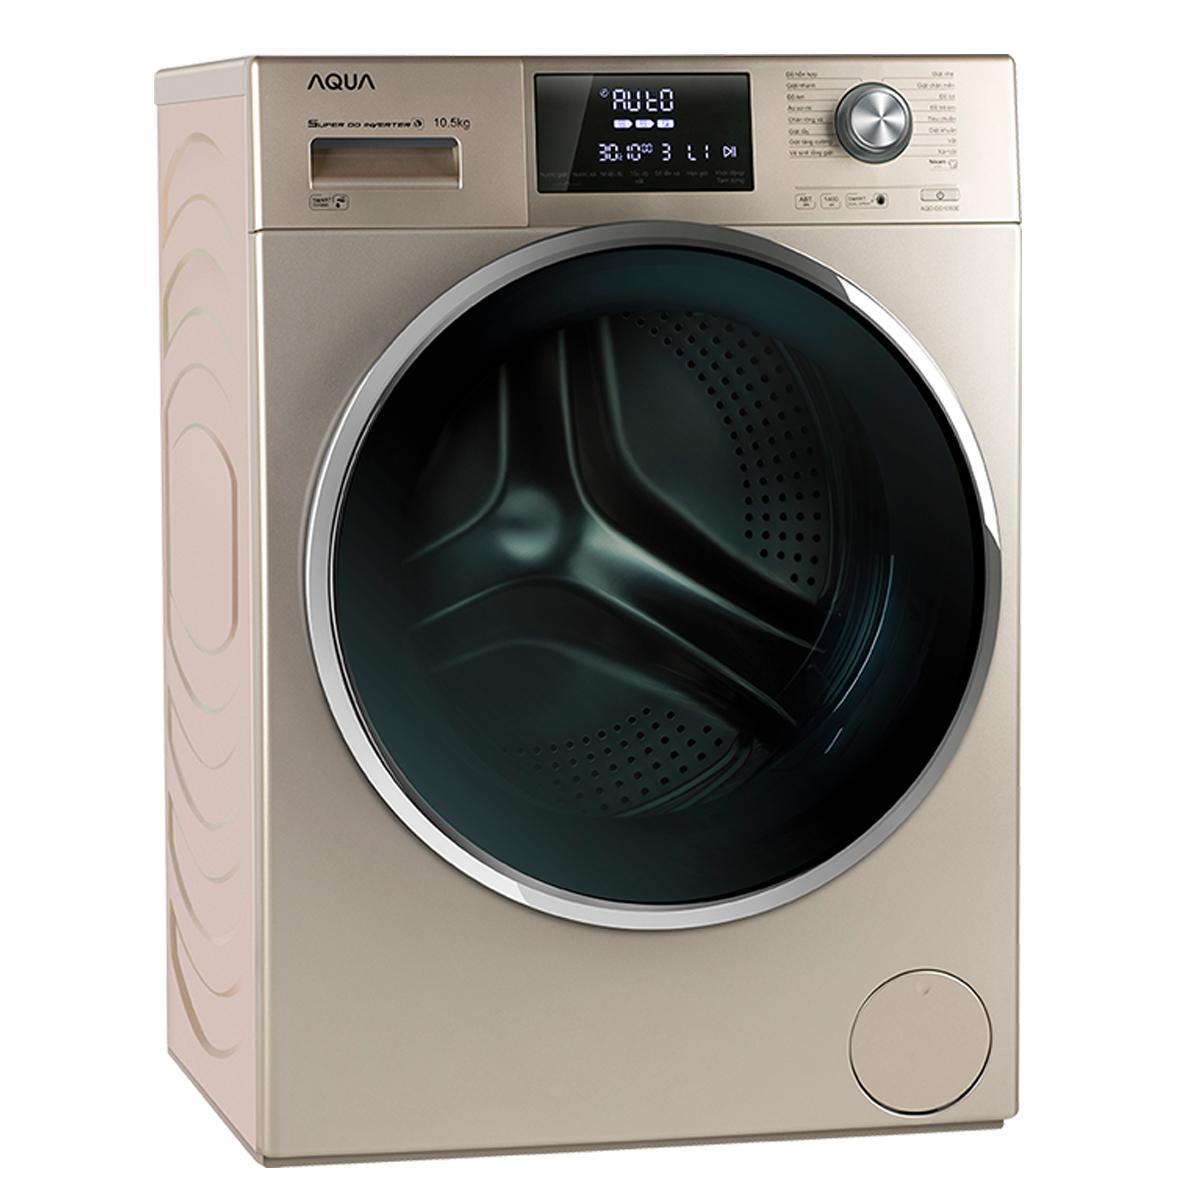 Loạt tủ lạnh, máy giặt giảm giá sốc, cơ hội cho người tiêu dùng 3